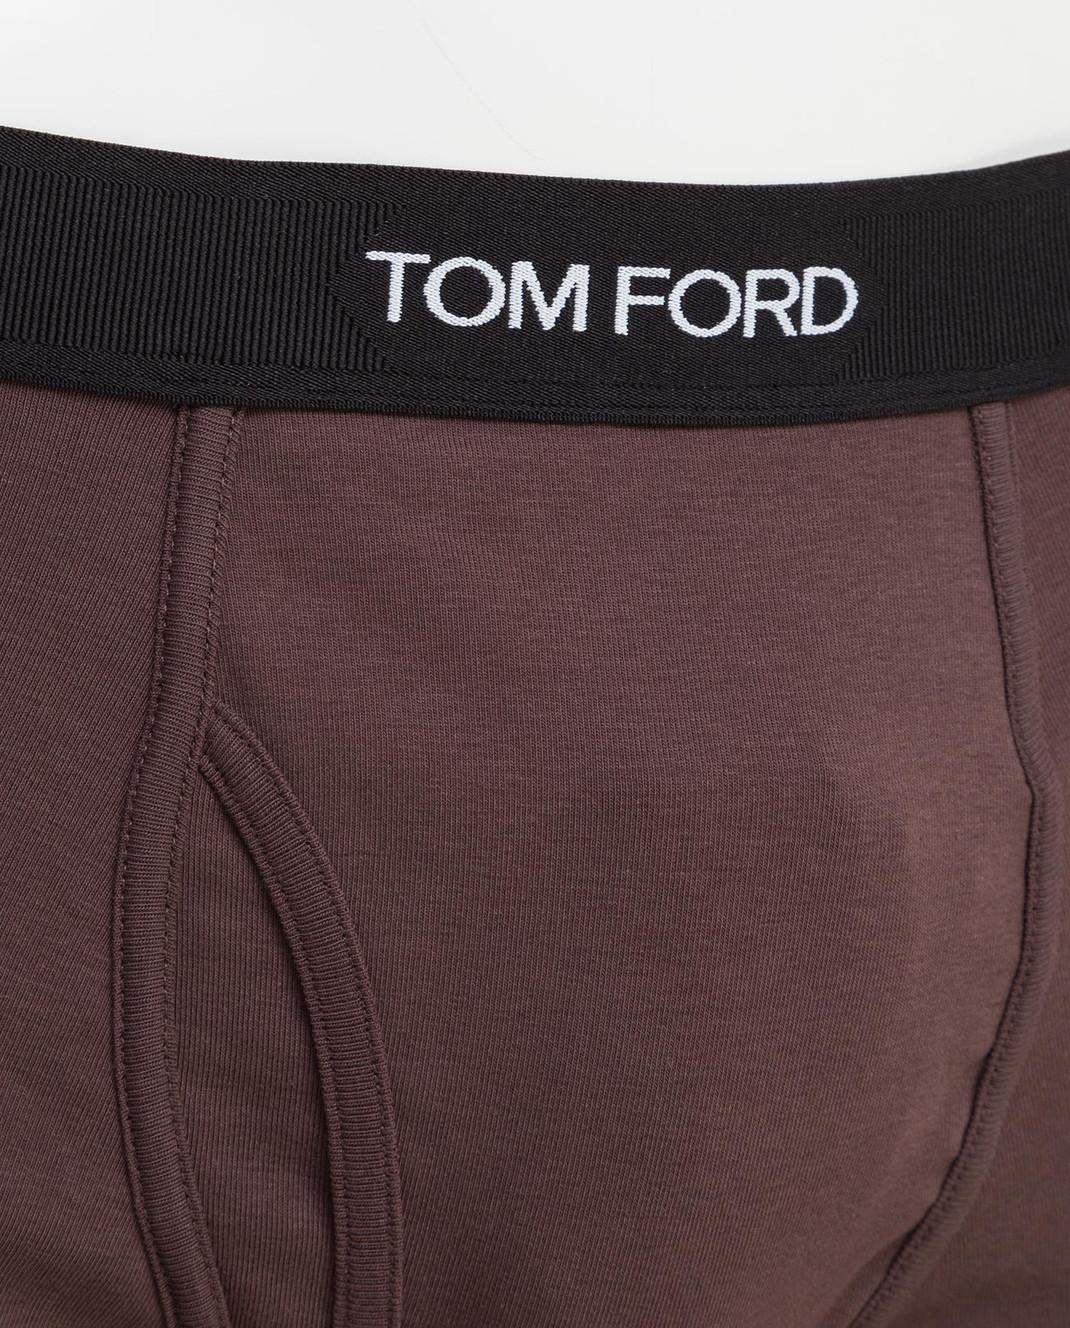 Tom Ford Коричневые трусы изображение 3